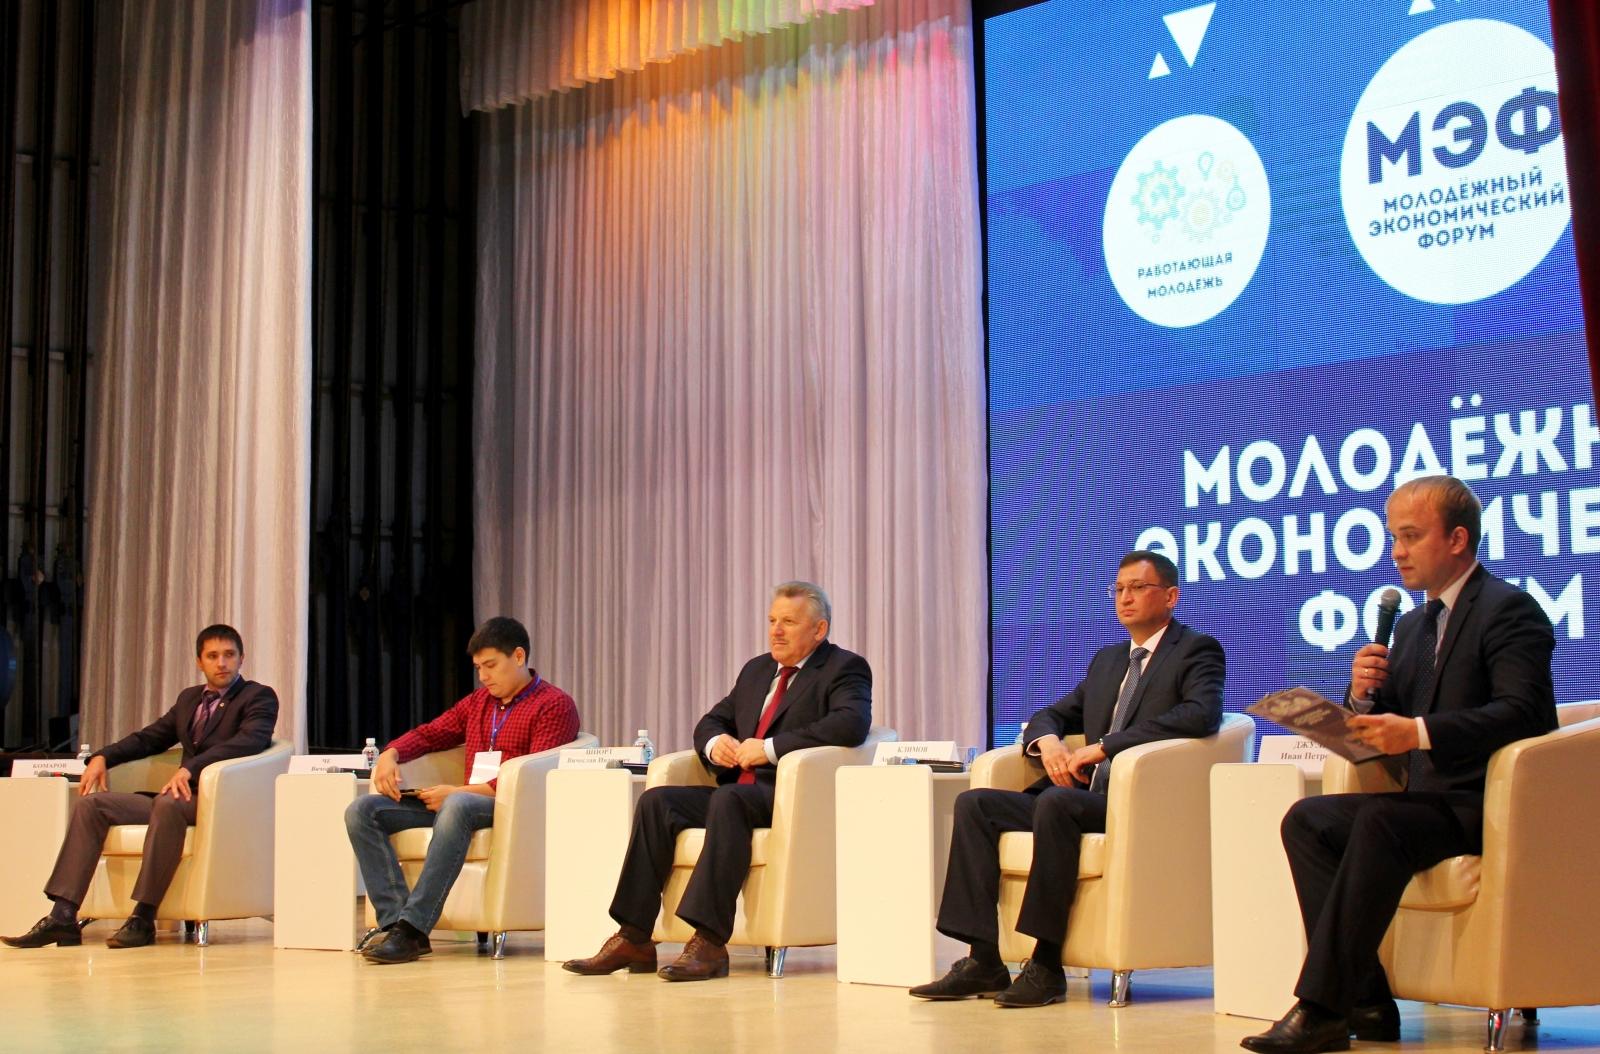 Работа в городе комсомольске-на-амуре